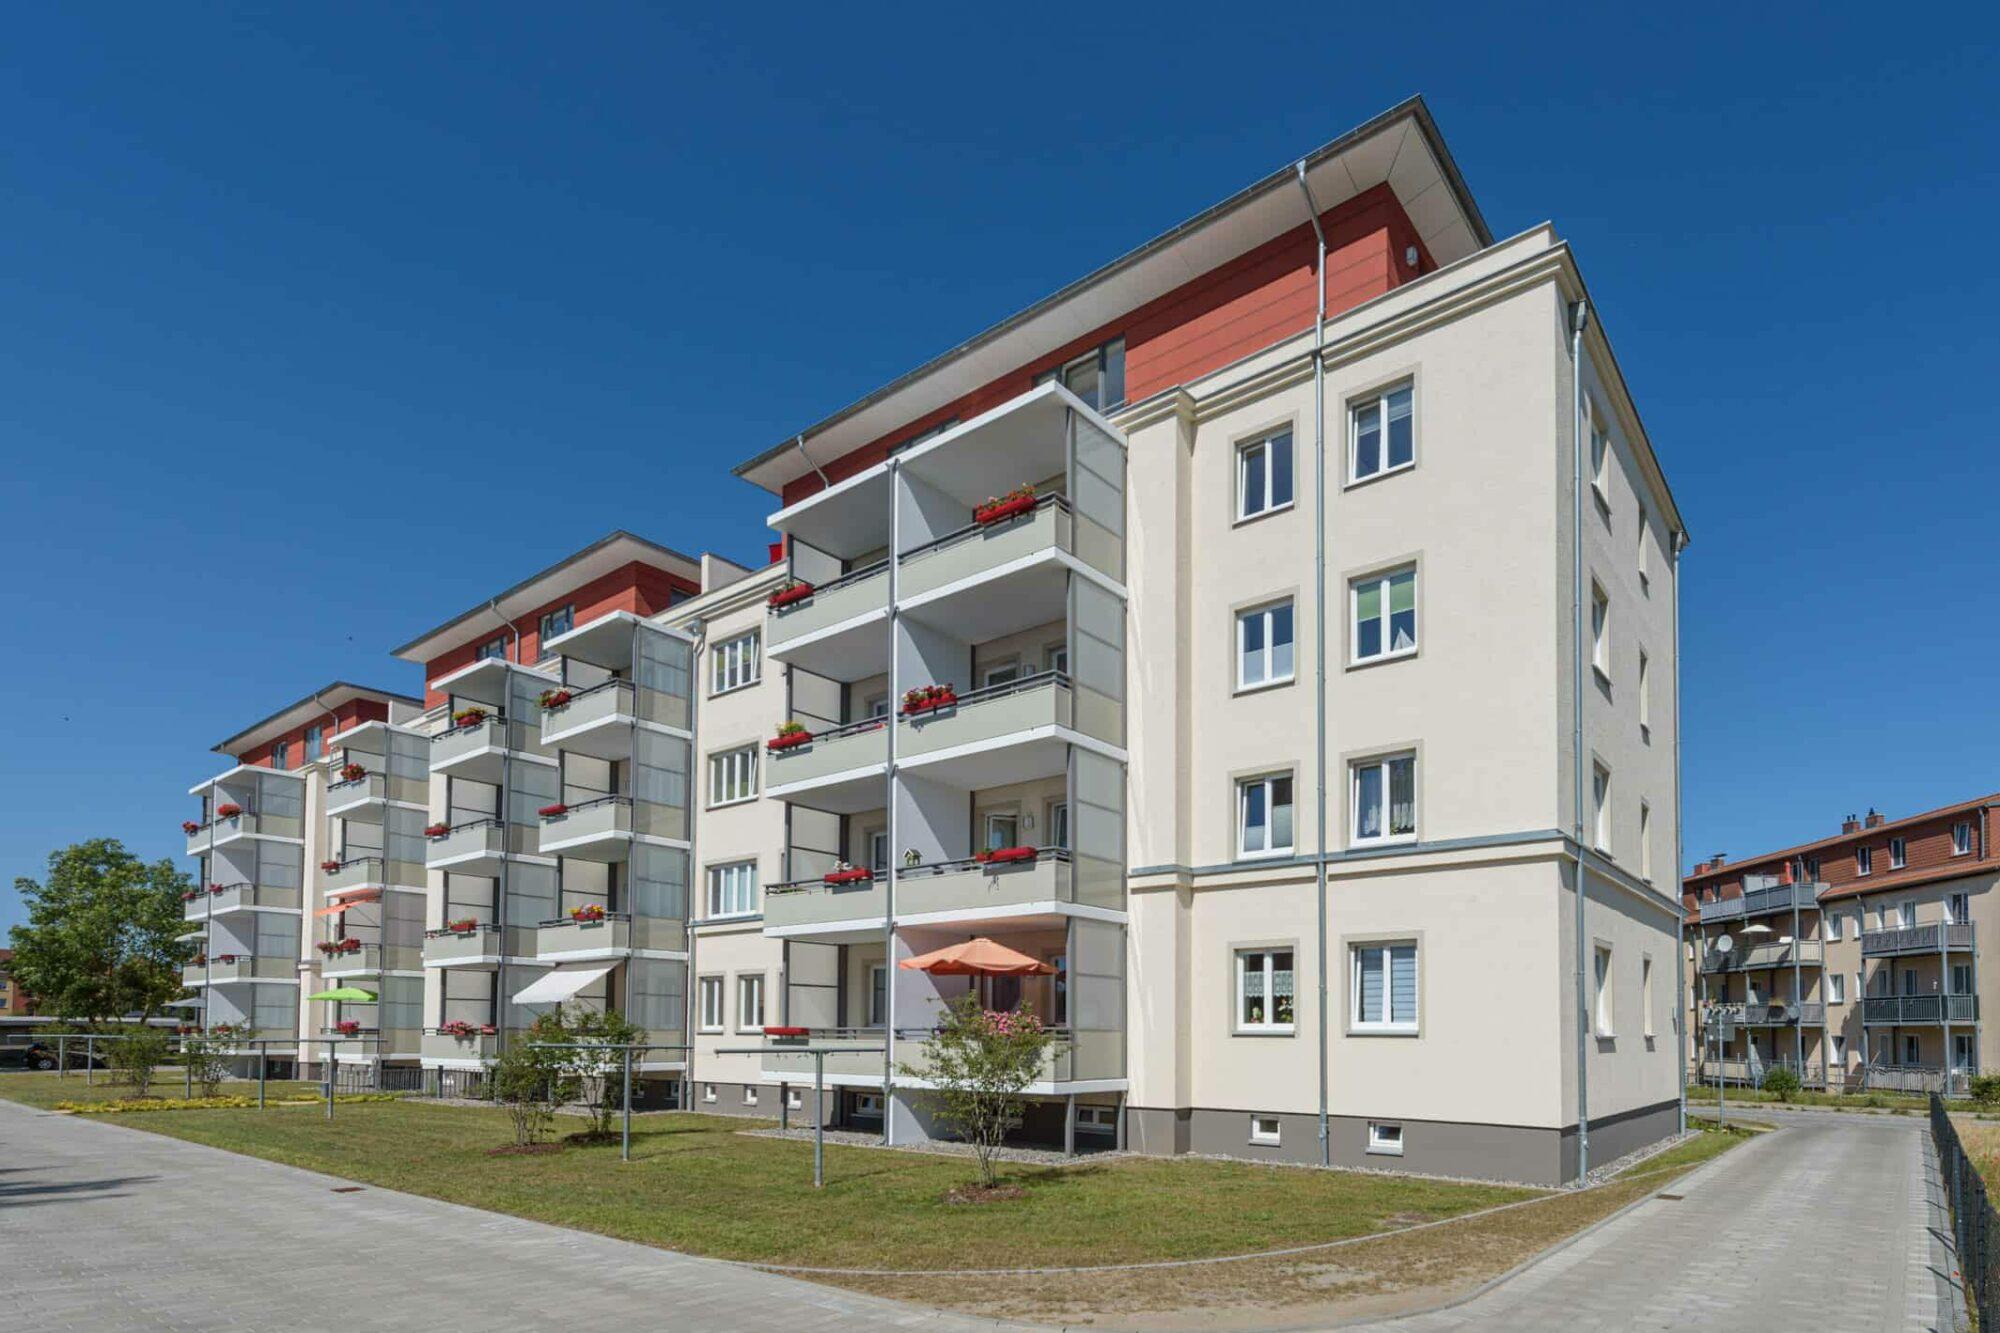 Wohnungsbau Kupfermühle Stralsund - Rückansicht